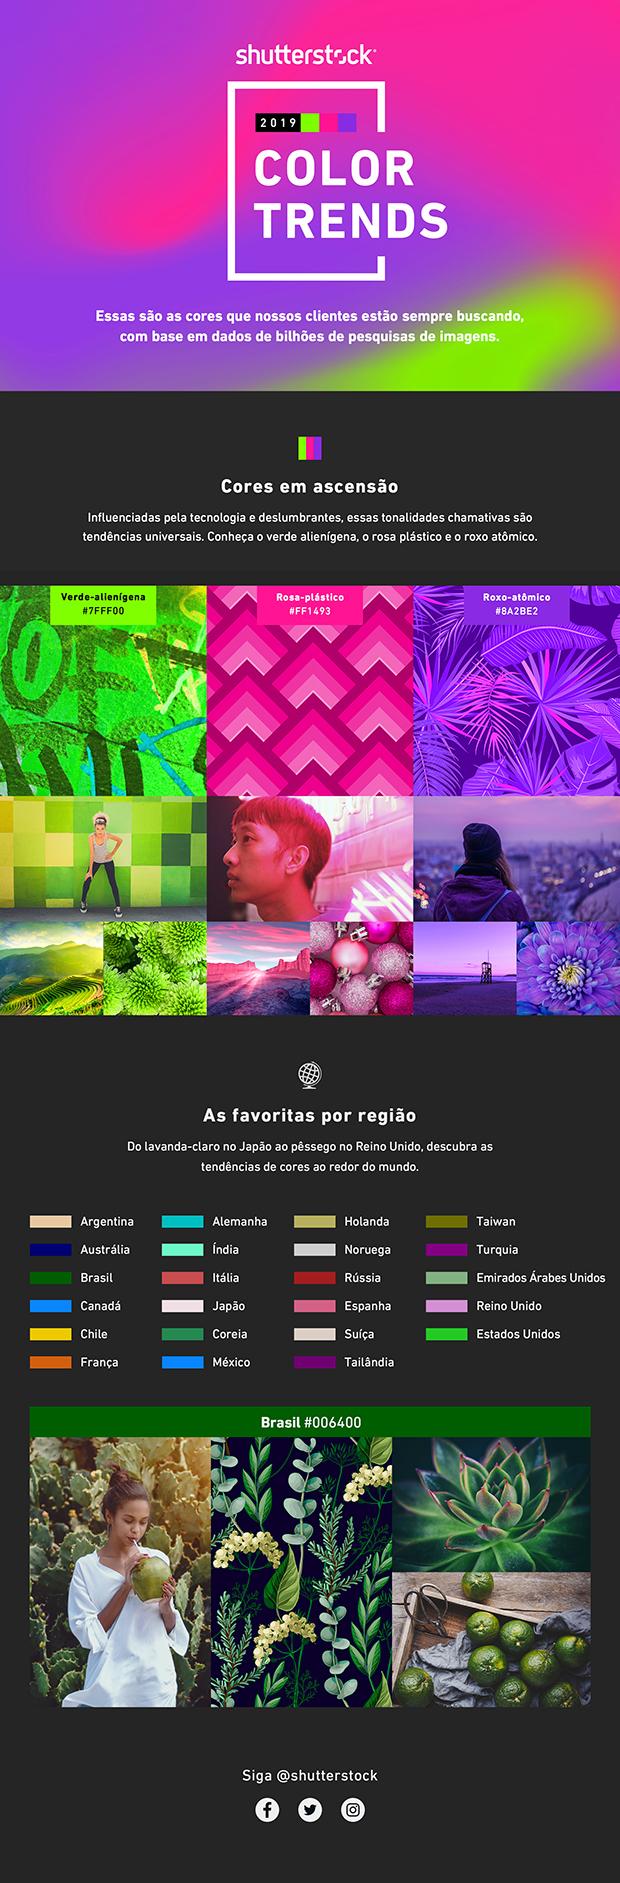 Color Trends 2019: Relatório identifica as cores que mais crescem em popularidade em todo o mundo